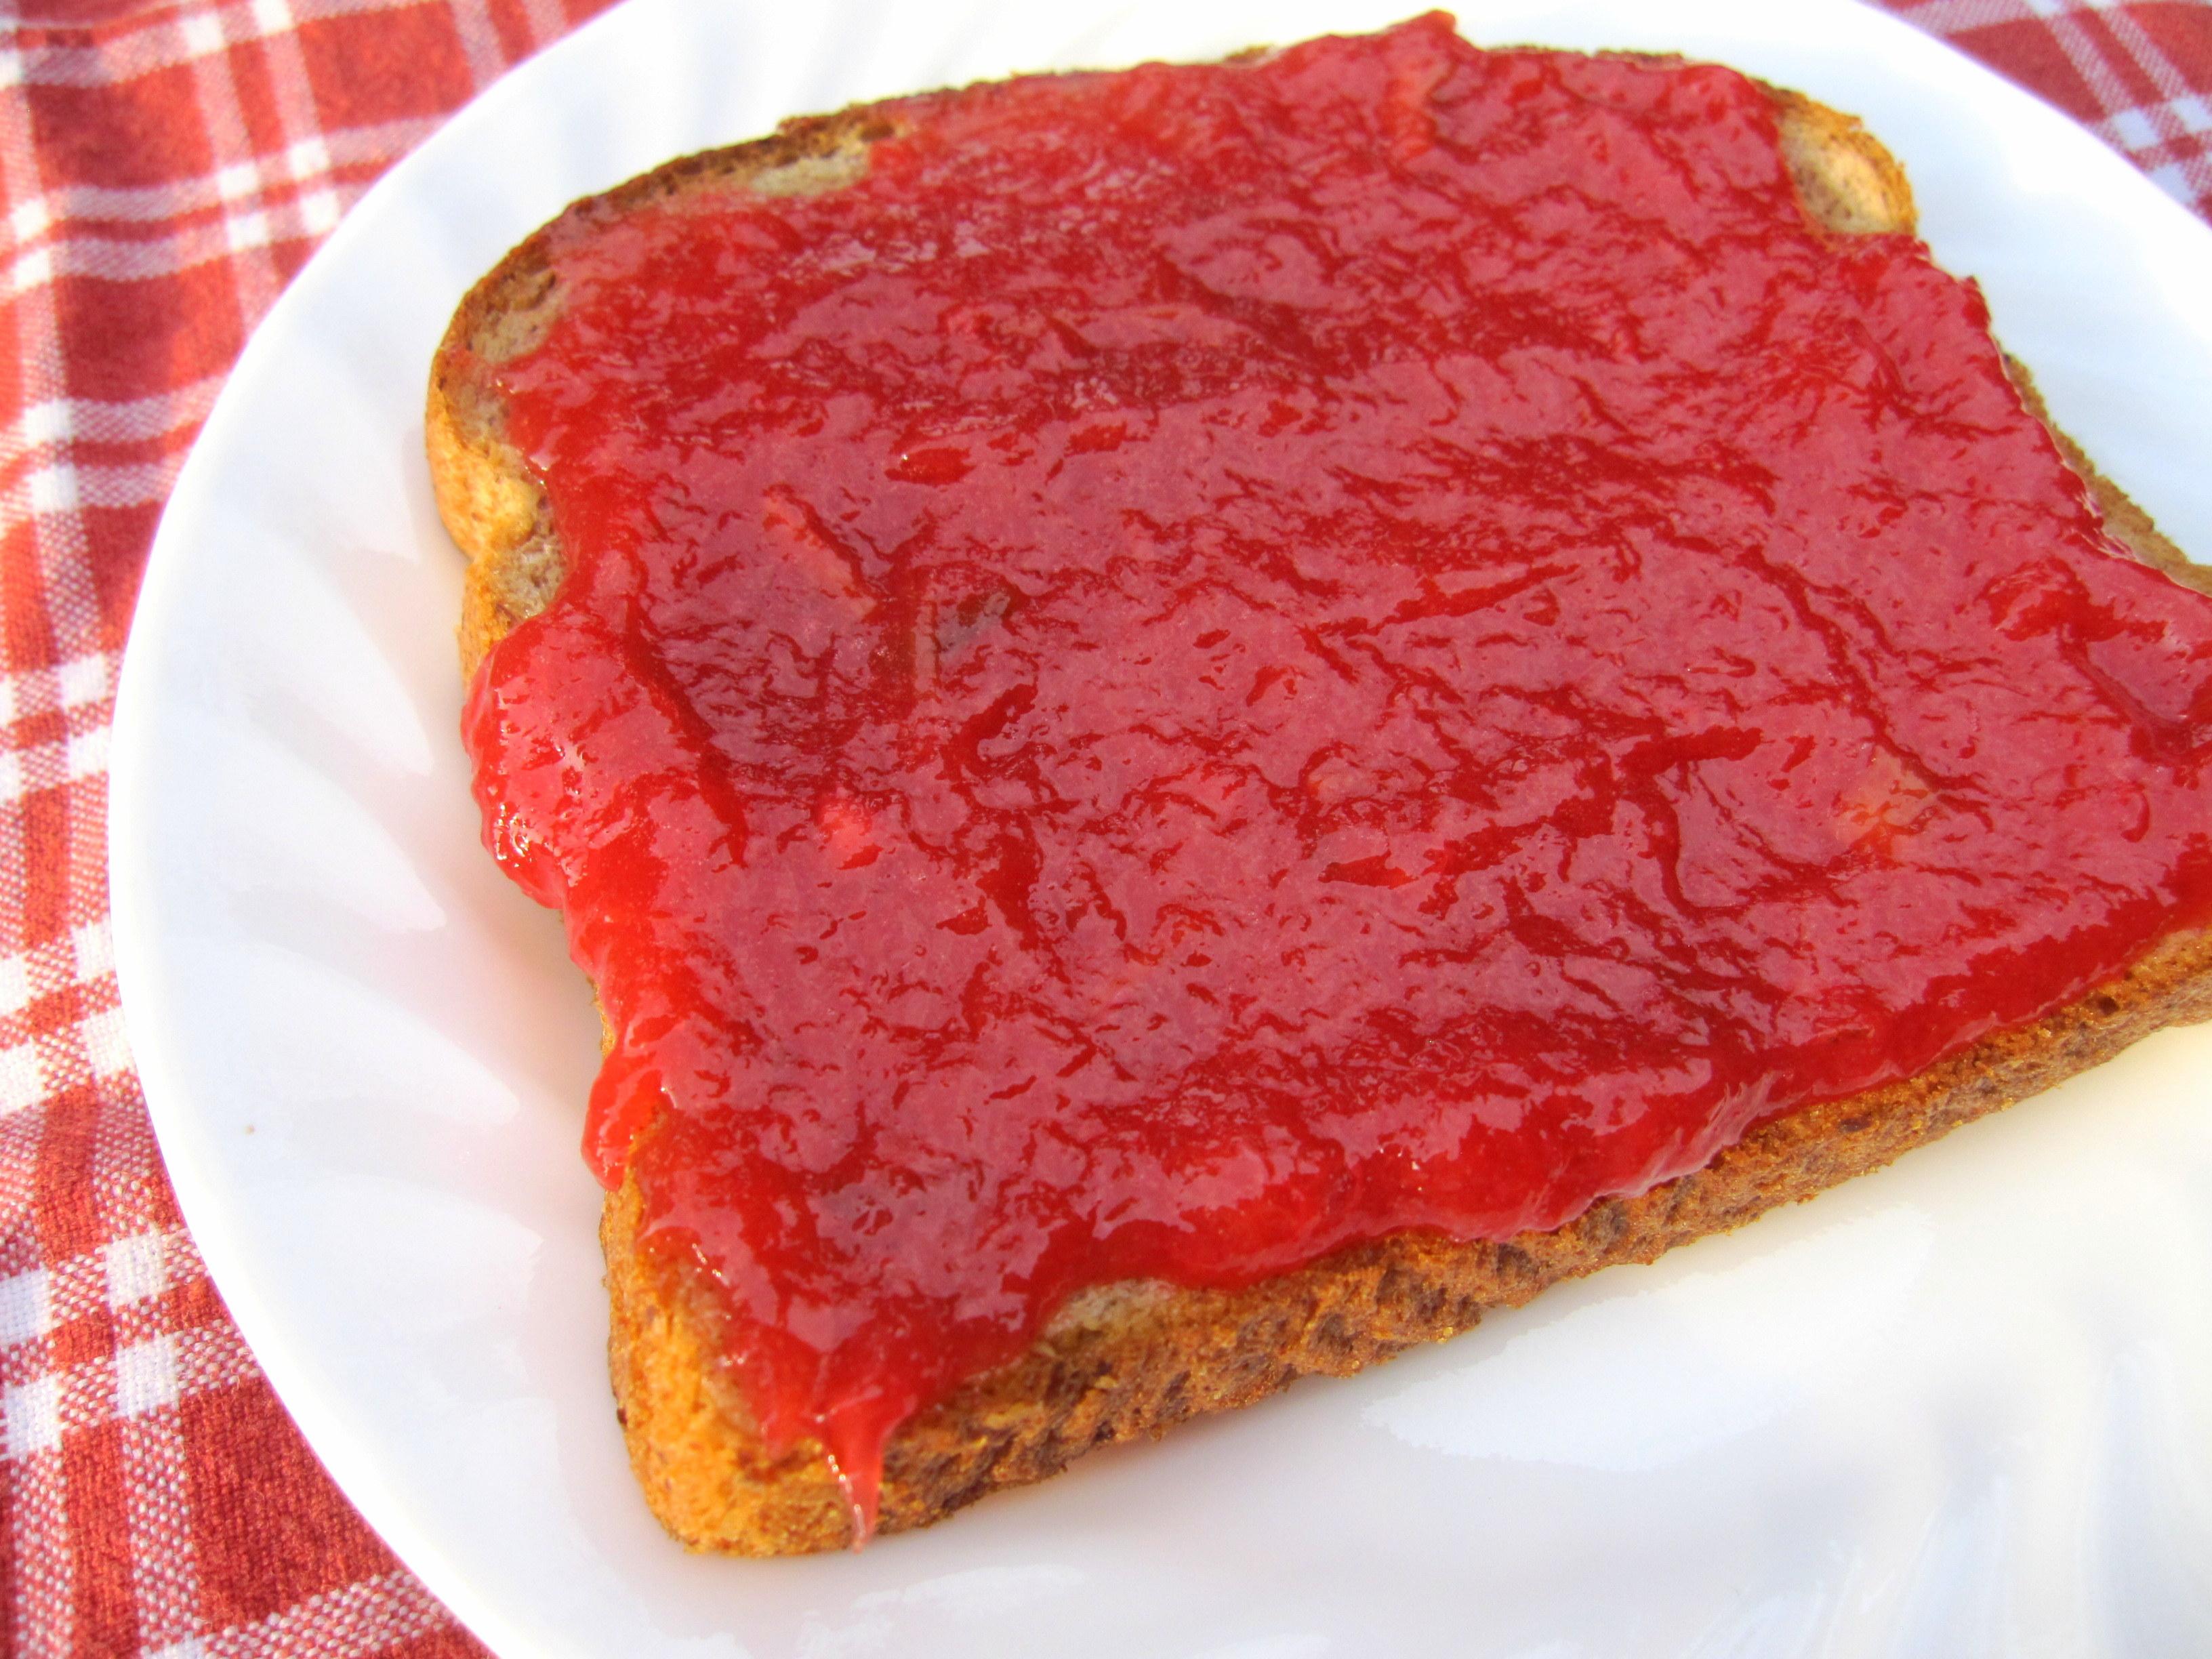 Strawberry Rhubarb Freezer Jam 2